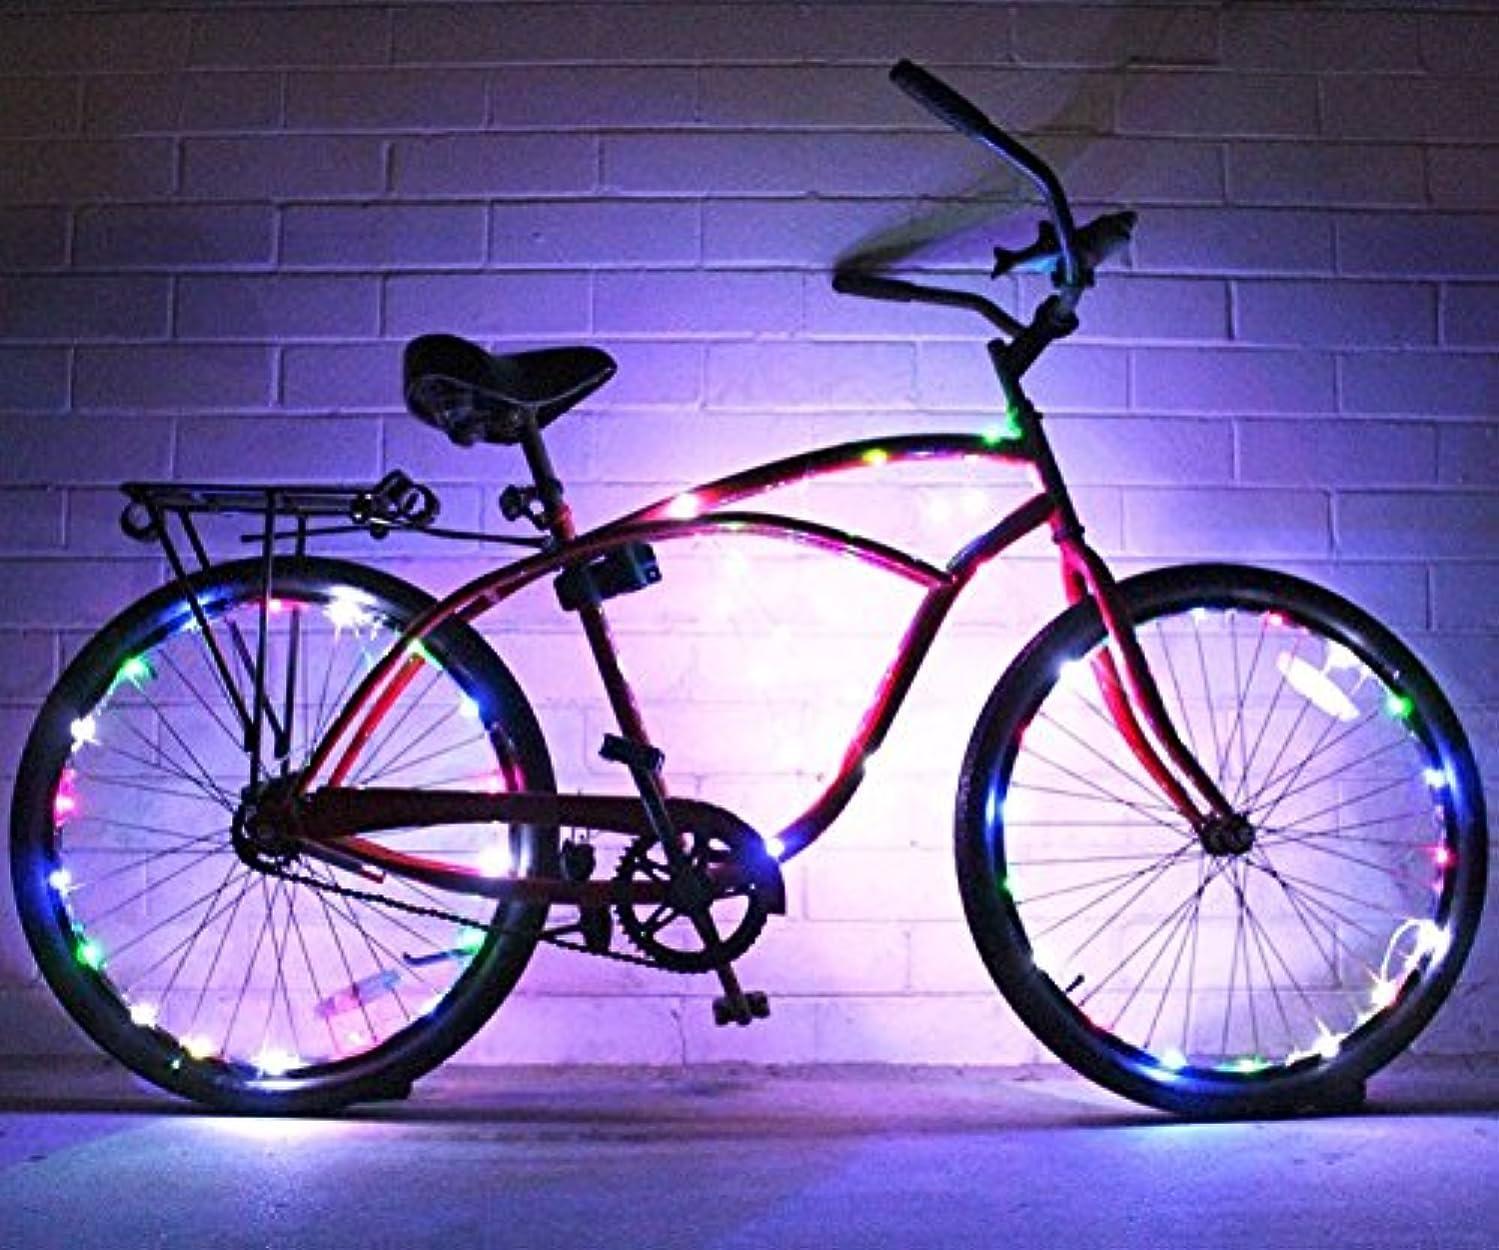 未亡人痛い聡明ウルトラブライトLED - バイクホイールライトストリング(1パック) - 色の組み合わせ自転車タイヤアクセサリー